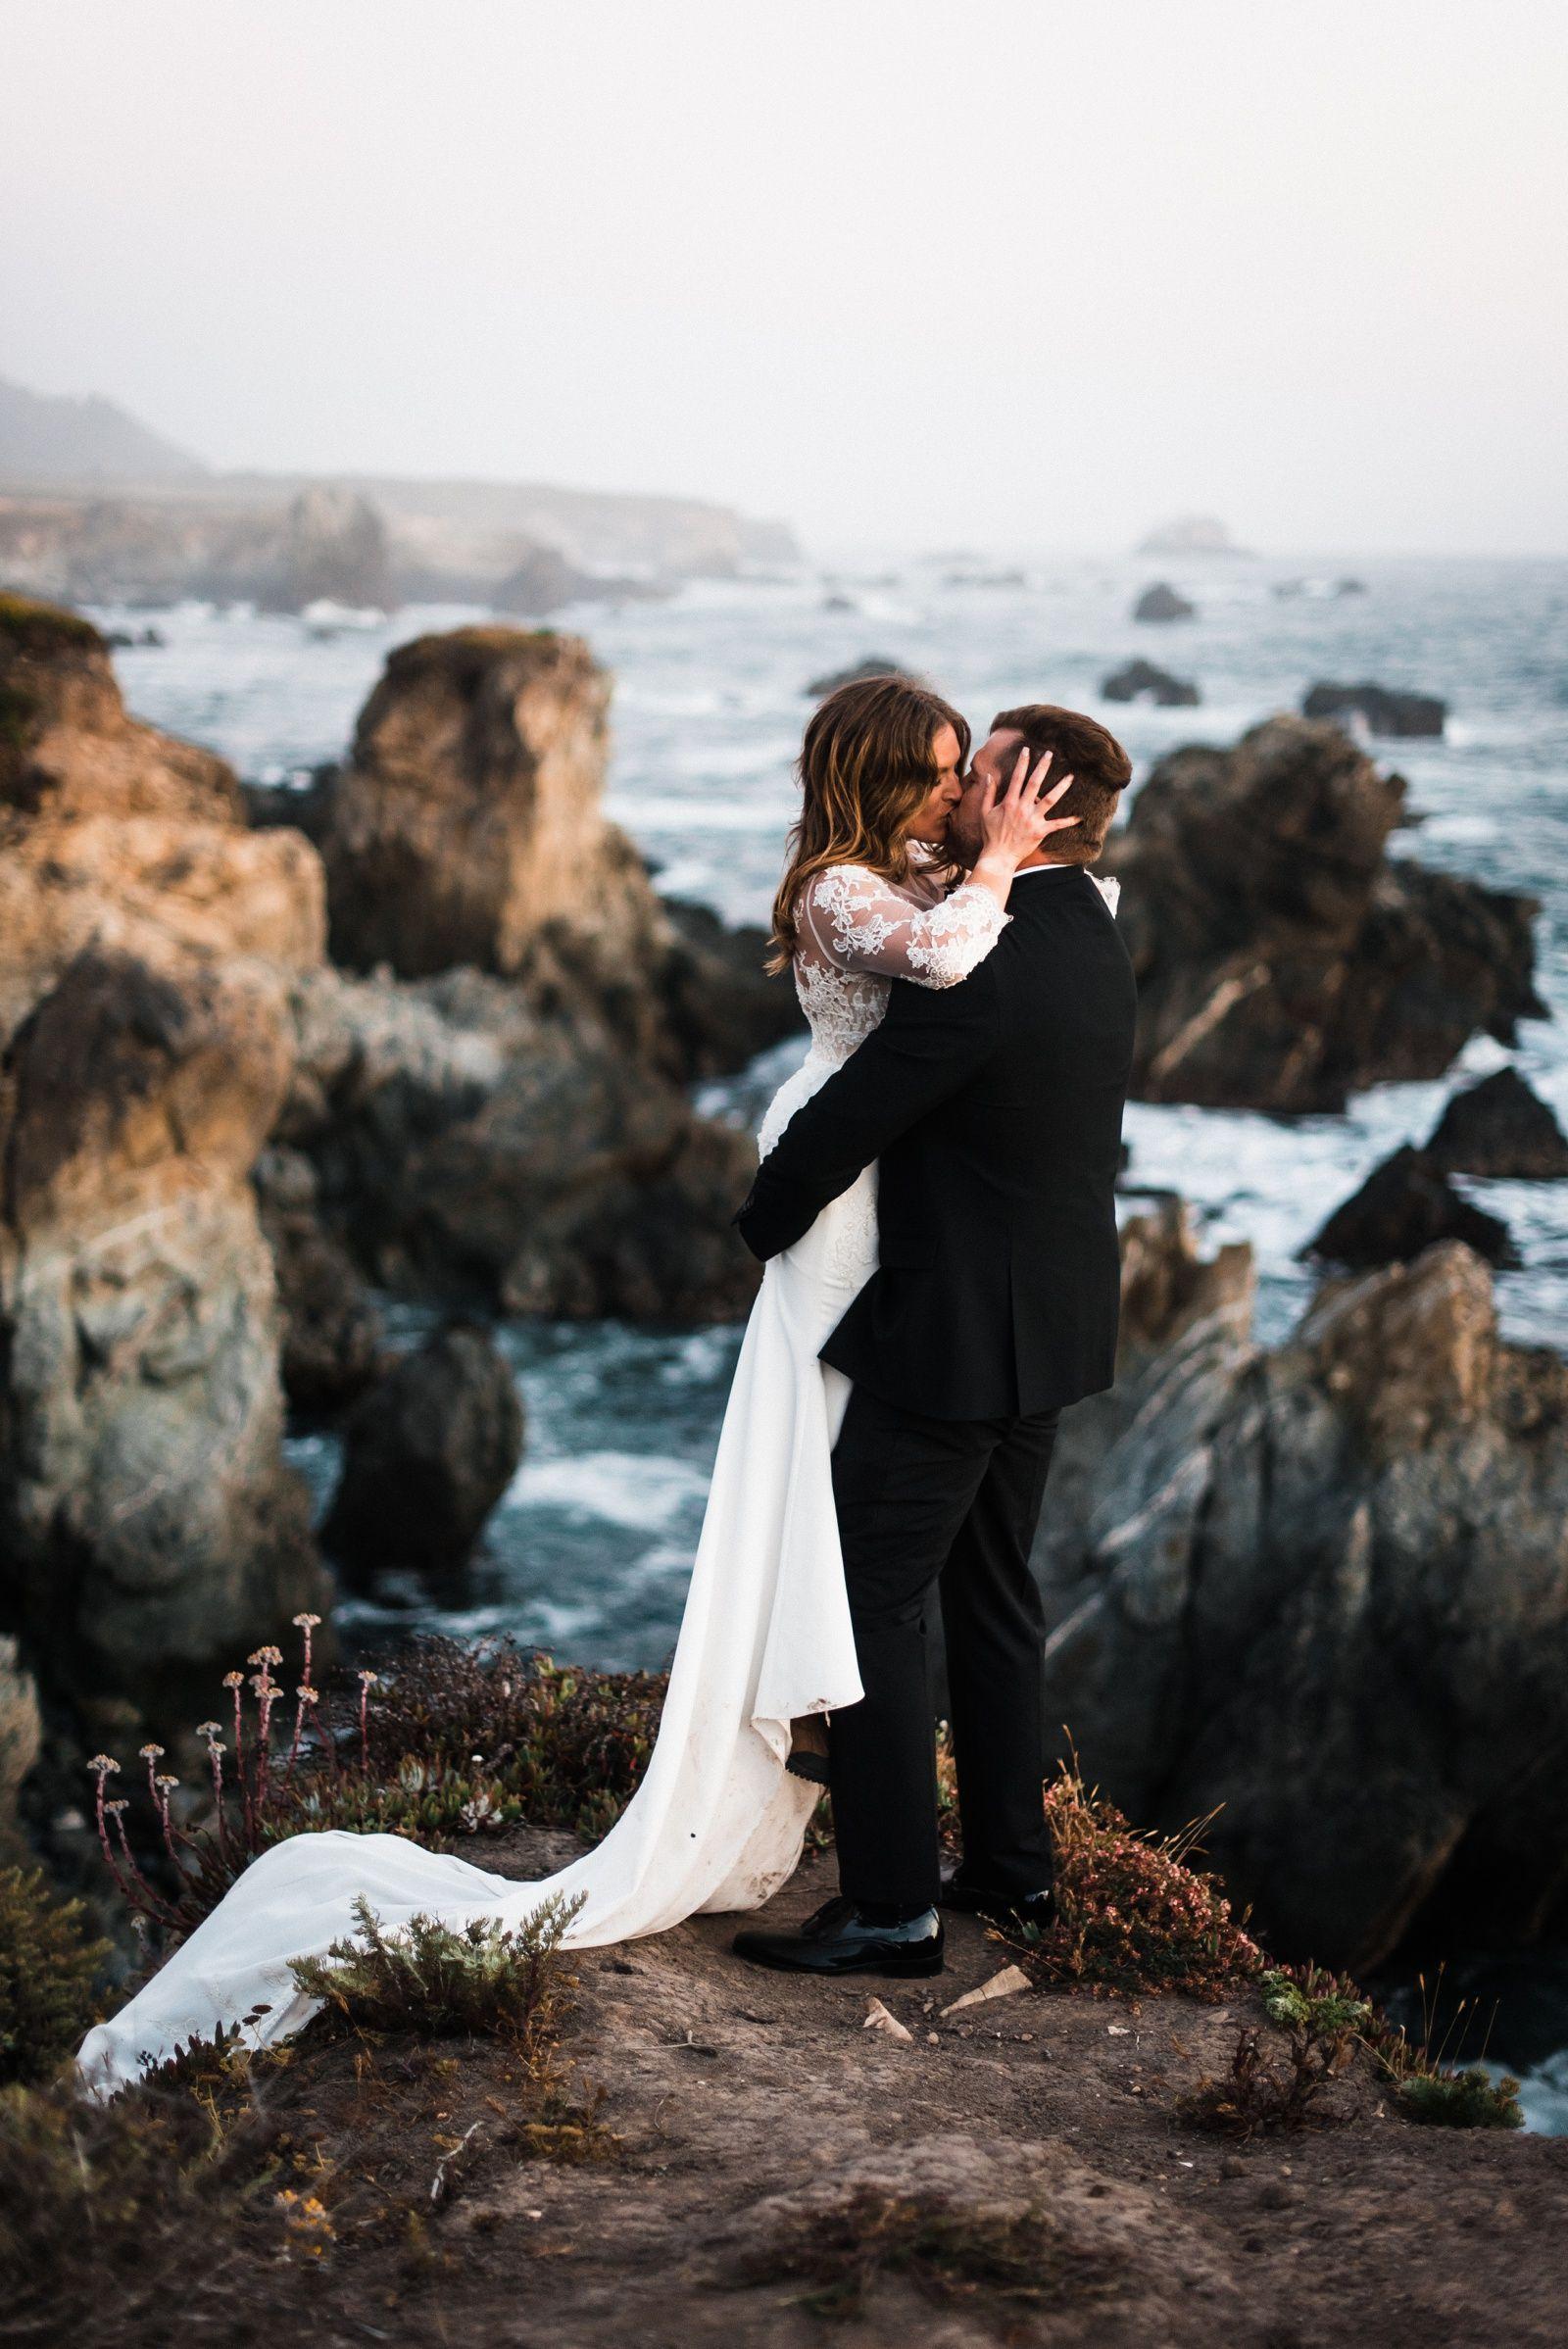 California elopement location ideas this big sur